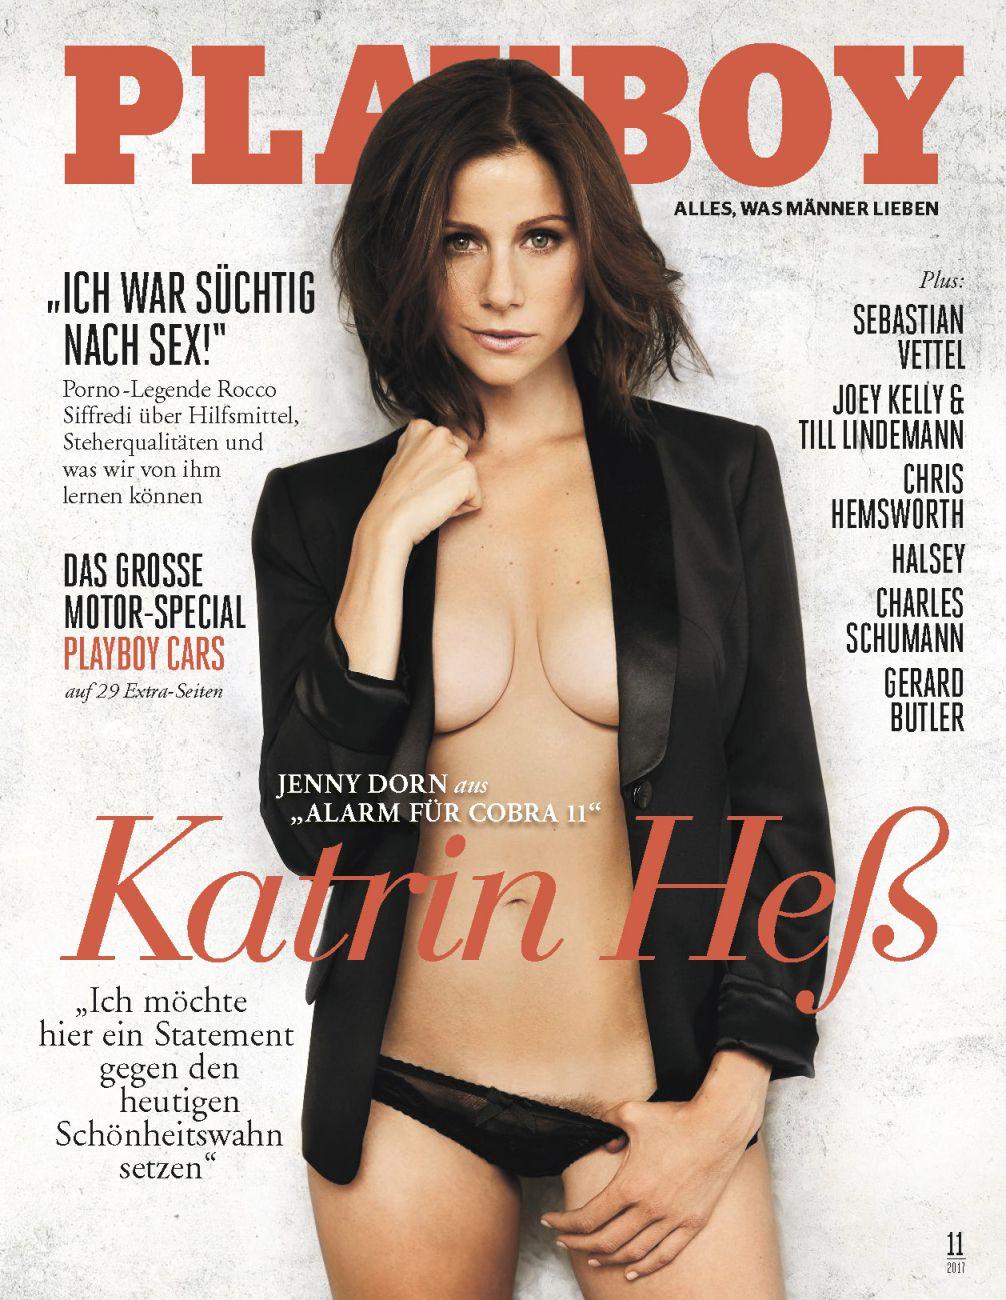 Katrin Heß nackt im Playboy